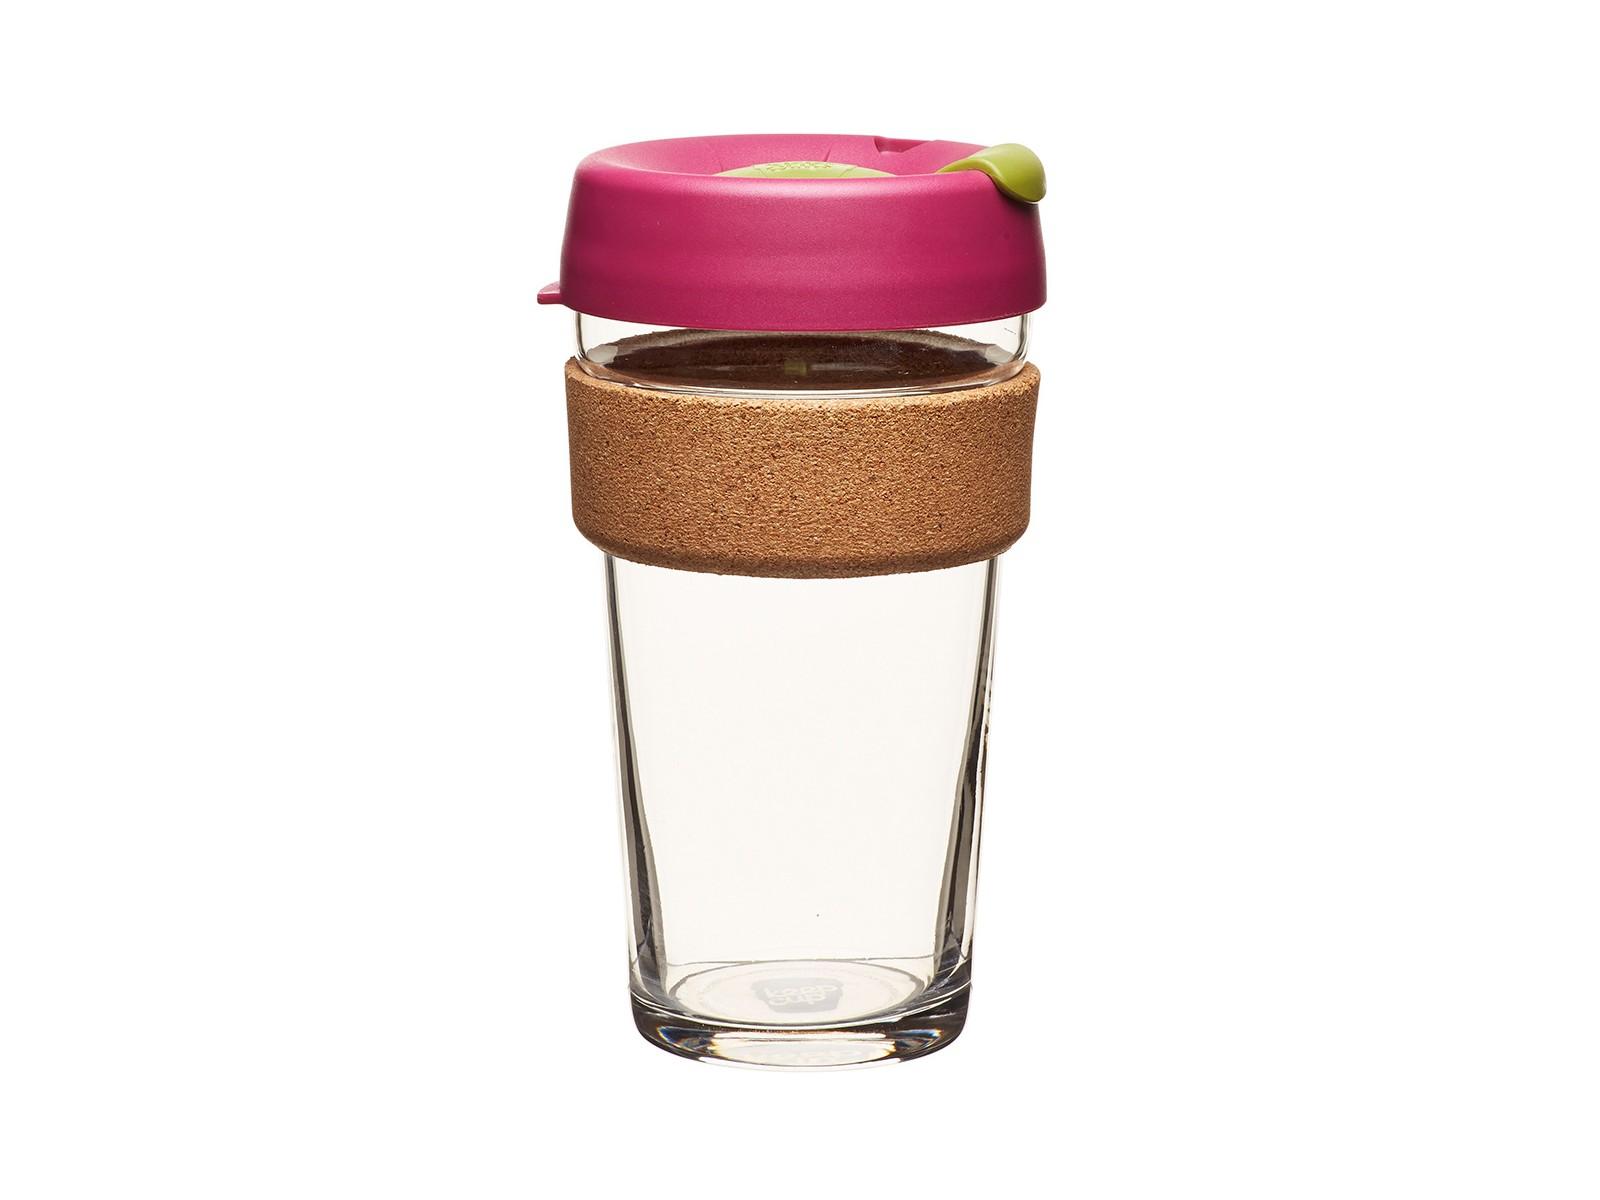 Кружка Keepcup cinnamonЧайные пары, чашки и кружки<br>Главная идея KeepCup – вдохновить любителей кофе отказаться от использования одноразовых бумажных и пластиковых стаканов, так как их производство и утилизация наносят вред окружающей среде. В год производится и выбрасывается около 500 миллиардов одноразовых стаканчиков, а ведь планета у нас всего одна! <br>Но главный плюс кружки  – привлекательный дизайн, который станет отражением вашего личного стиля. Берите её в кафе или наливайте кофе, чай, сок дома, чтобы взять с собой - пить вкусные напитки на ходу, на работе или на пикнике. Специальная крышка с открывающимся и закрывающимся клапаном спасет от брызг, плотный ободок поможет не обжечься (плюс, удобно держать кружку в руках.<br>Крышка сделана без содержания вредного бисфенола (BPA-free). Корпус - из закаленного стекла, устойчивого к термическому и механическому воздействию.&amp;amp;nbsp;&amp;lt;div&amp;gt;&amp;lt;br&amp;gt;&amp;lt;/div&amp;gt;&amp;lt;div&amp;gt;Объем: 454 мл.&amp;lt;br&amp;gt;&amp;lt;/div&amp;gt;<br><br>Material: Стекло<br>Height см: 15,8<br>Diameter см: 8,8